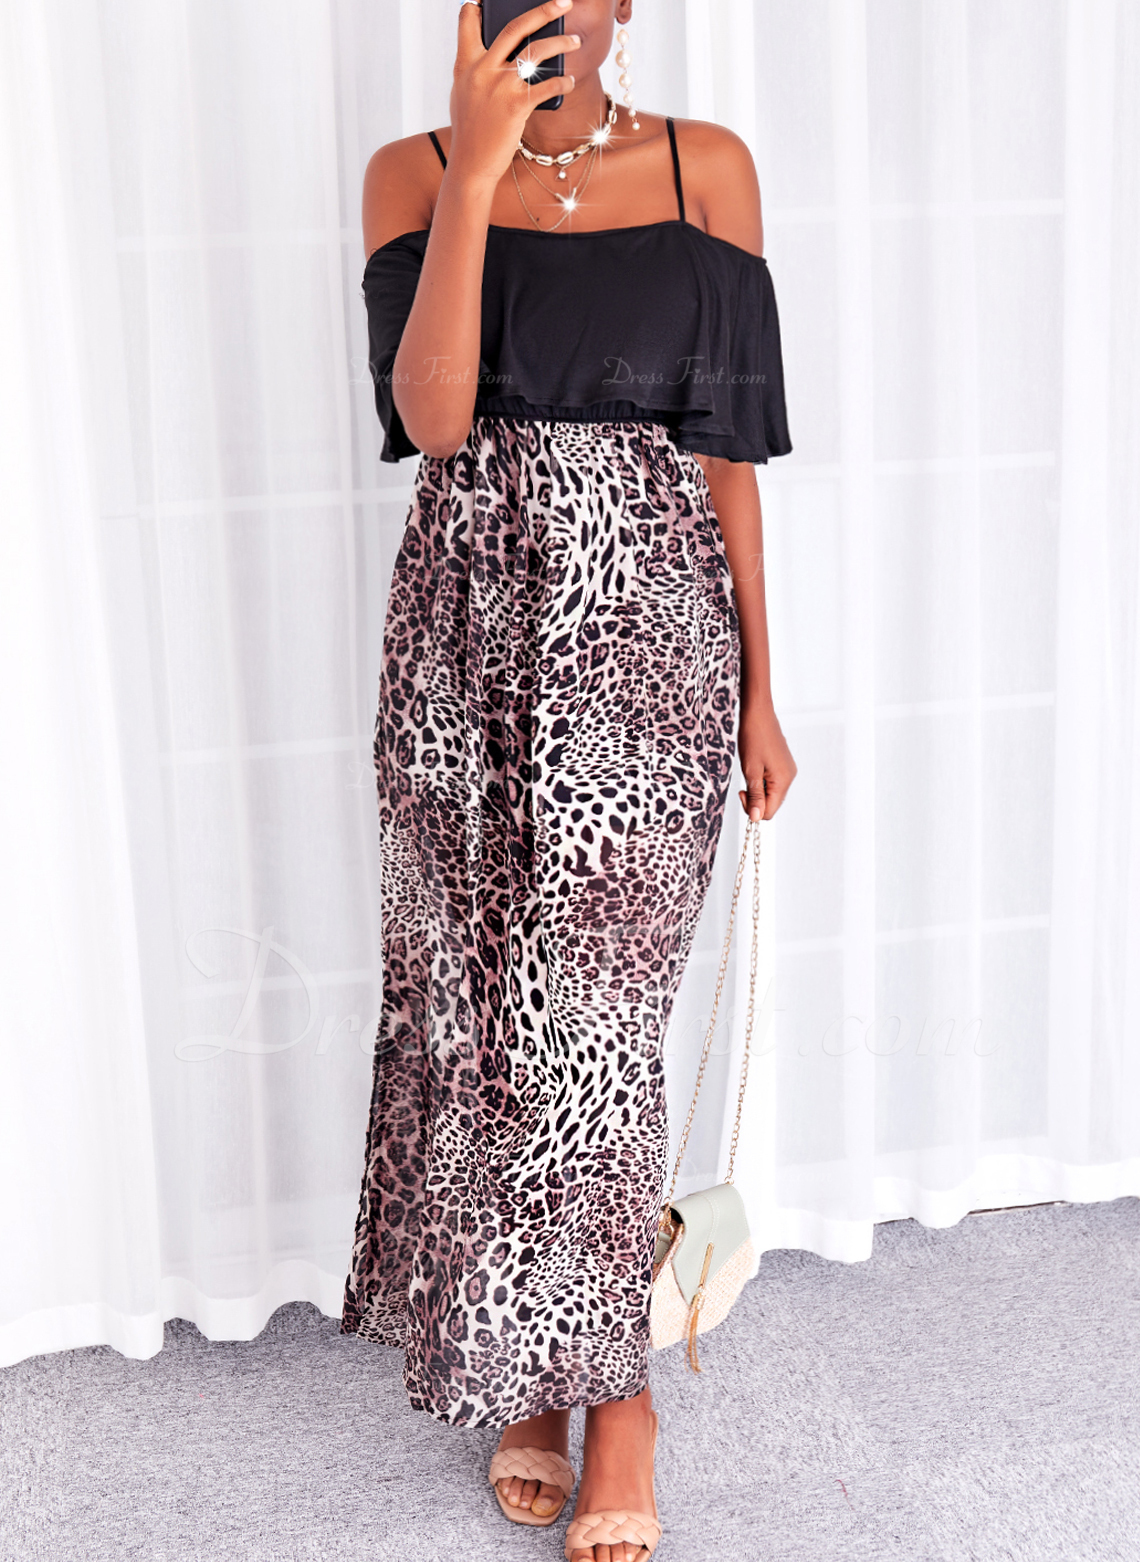 Leopardo Impresión Vestido línea A Mangas 1/2 Maxi Casual Vacaciones Patinador Vestidos de moda